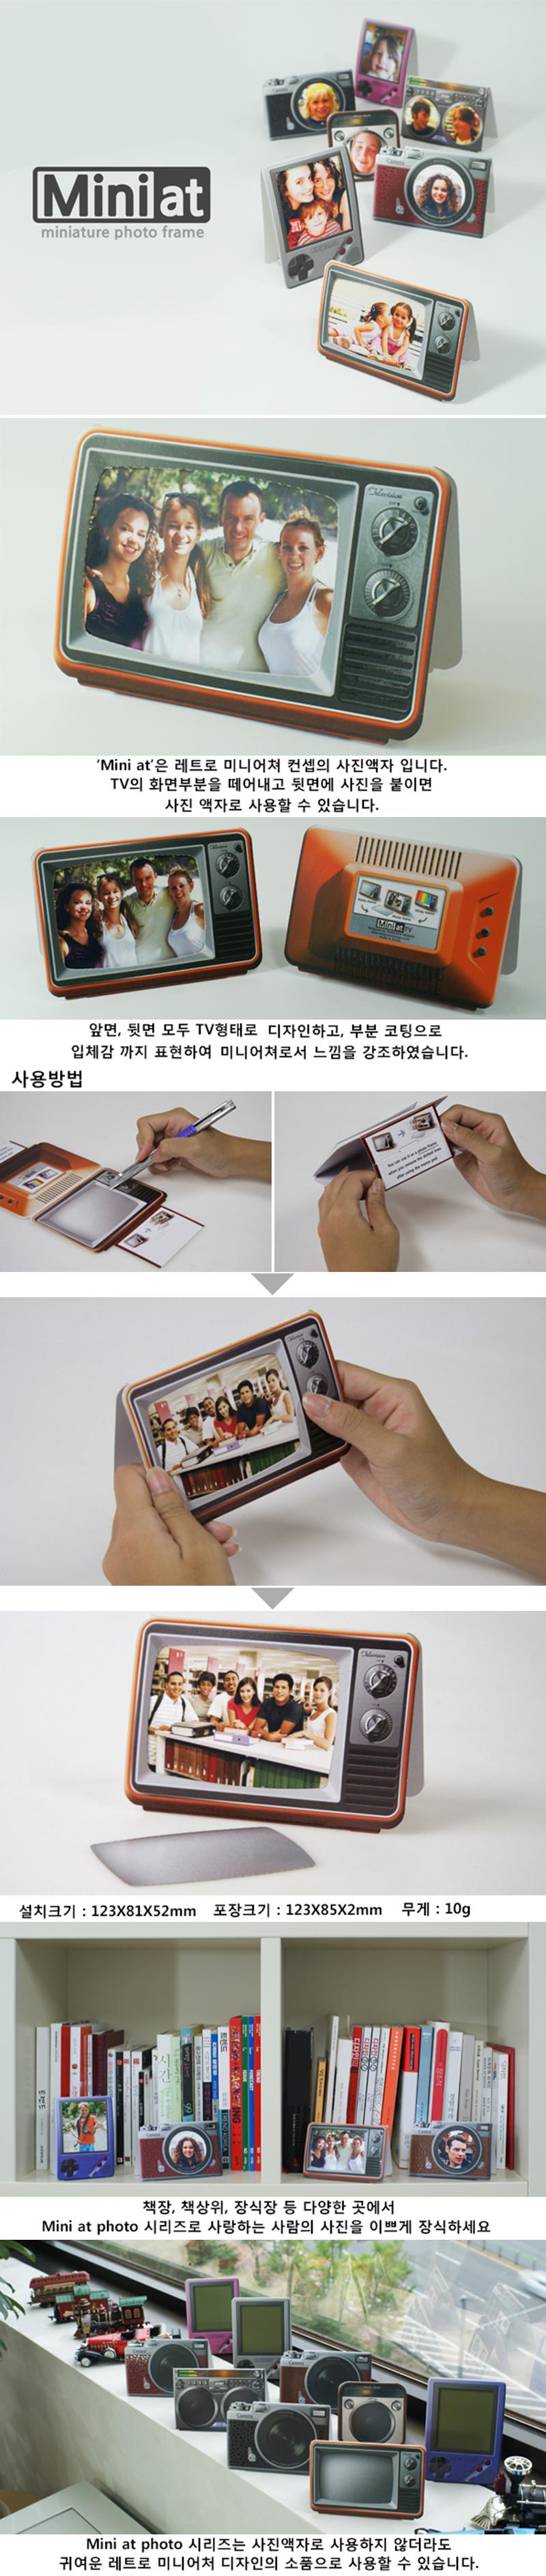 미니앳 포토 티비 - 매그넘디자인, 2,500원, 액자, 미니액자